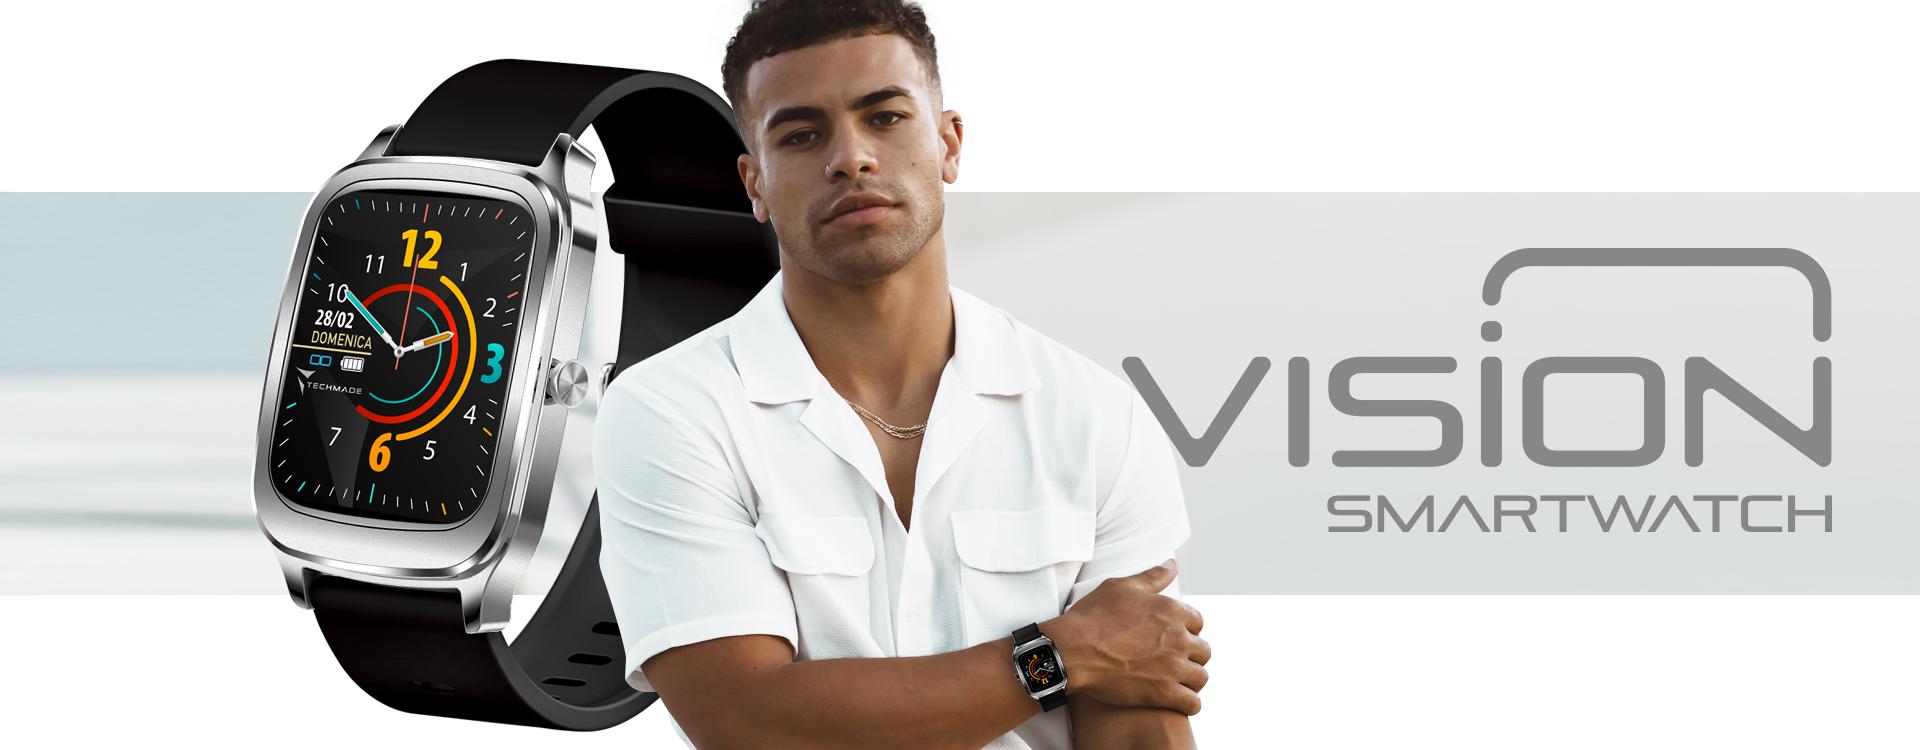 Smartwatch Vision